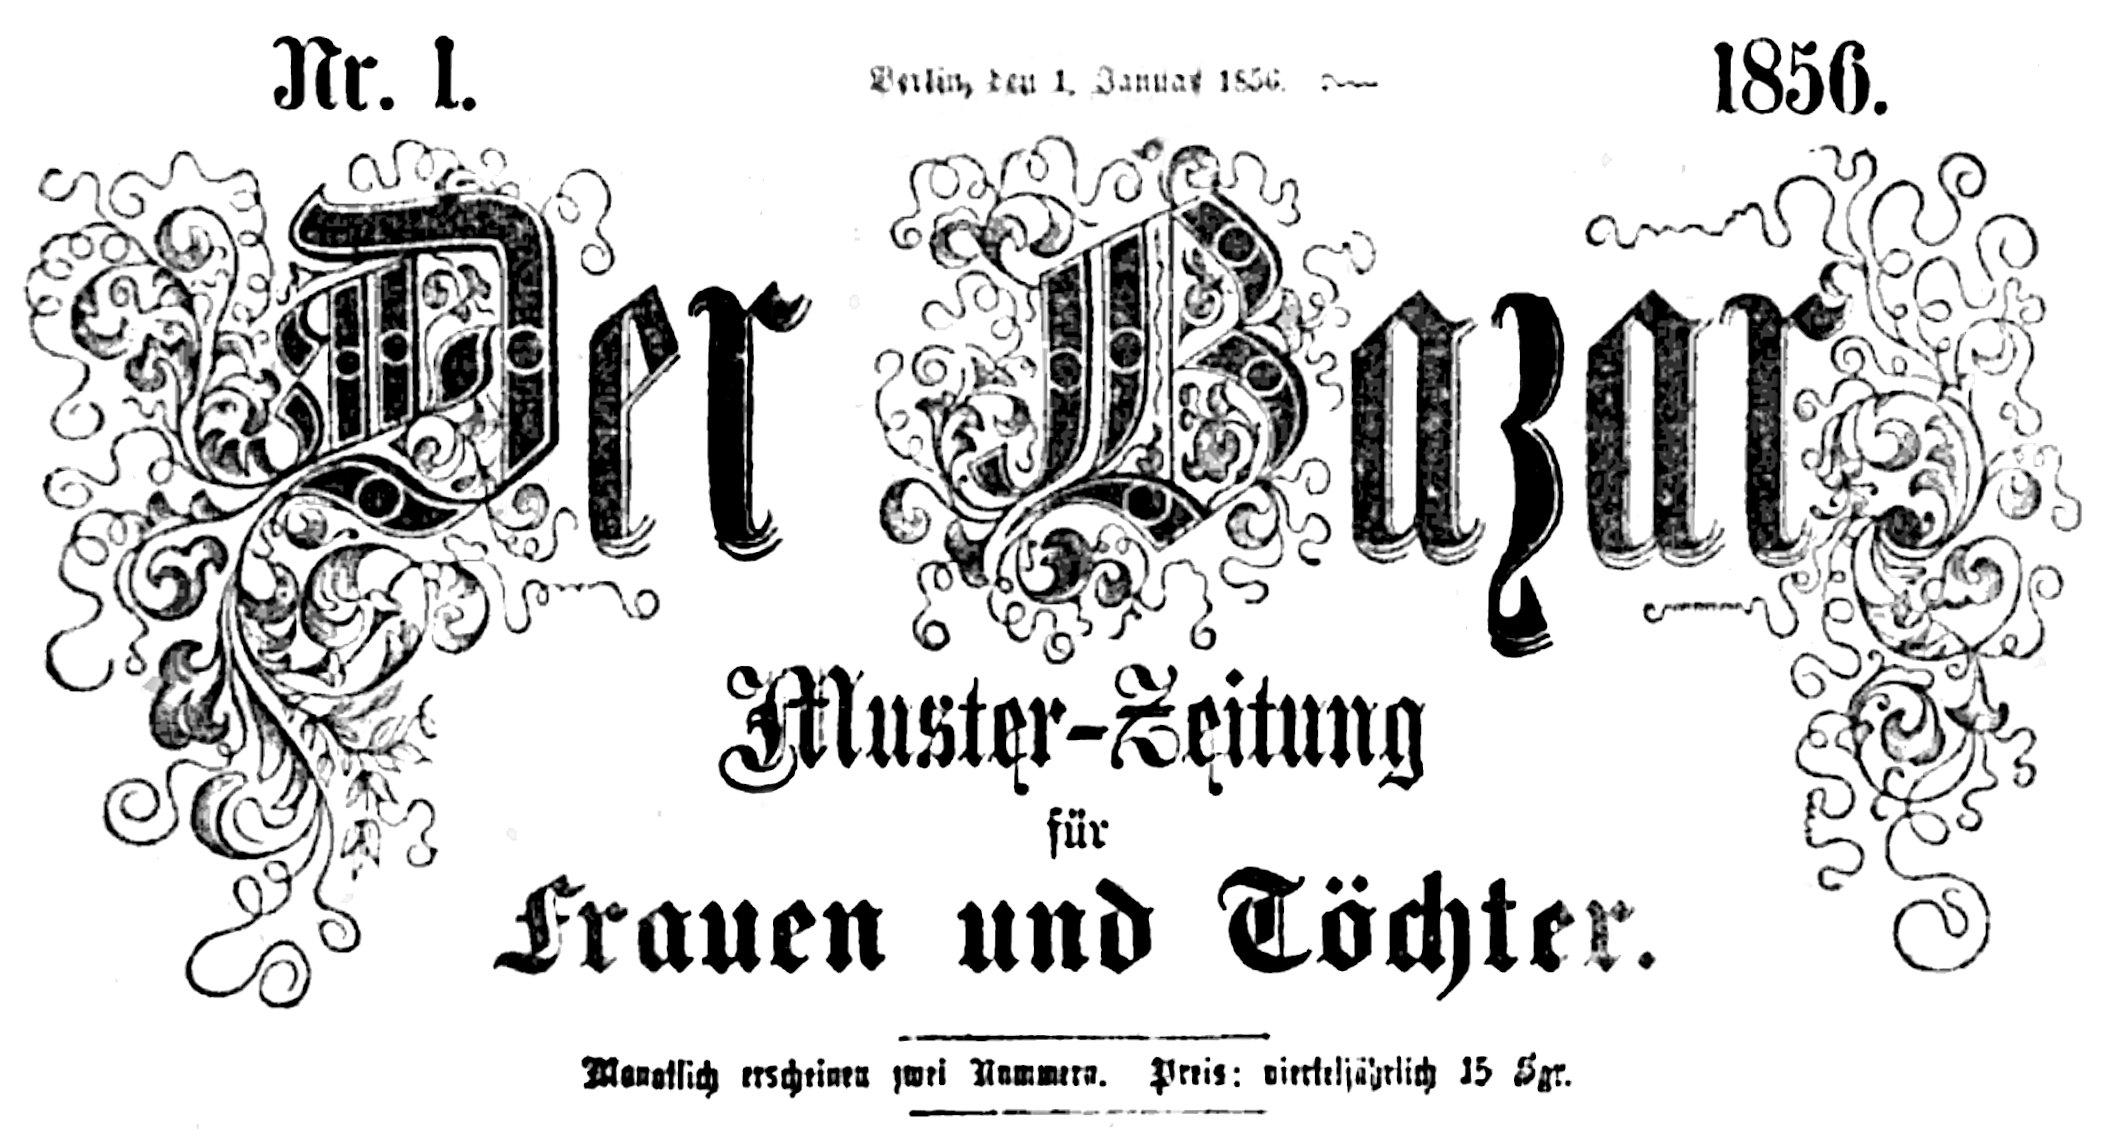 bazar-banner-1856